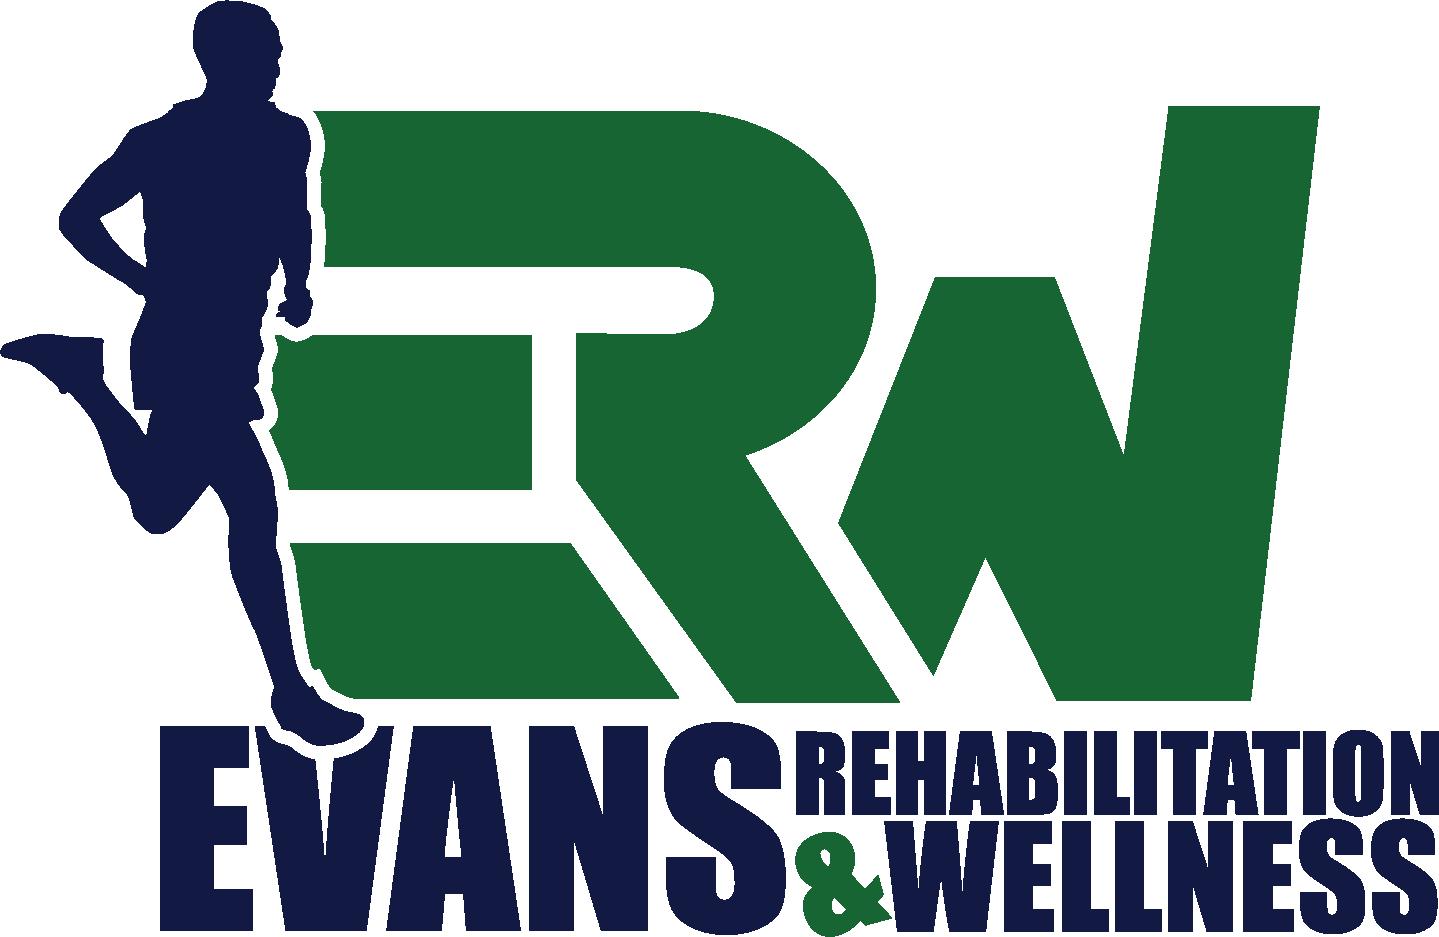 Evans Rehabilitation